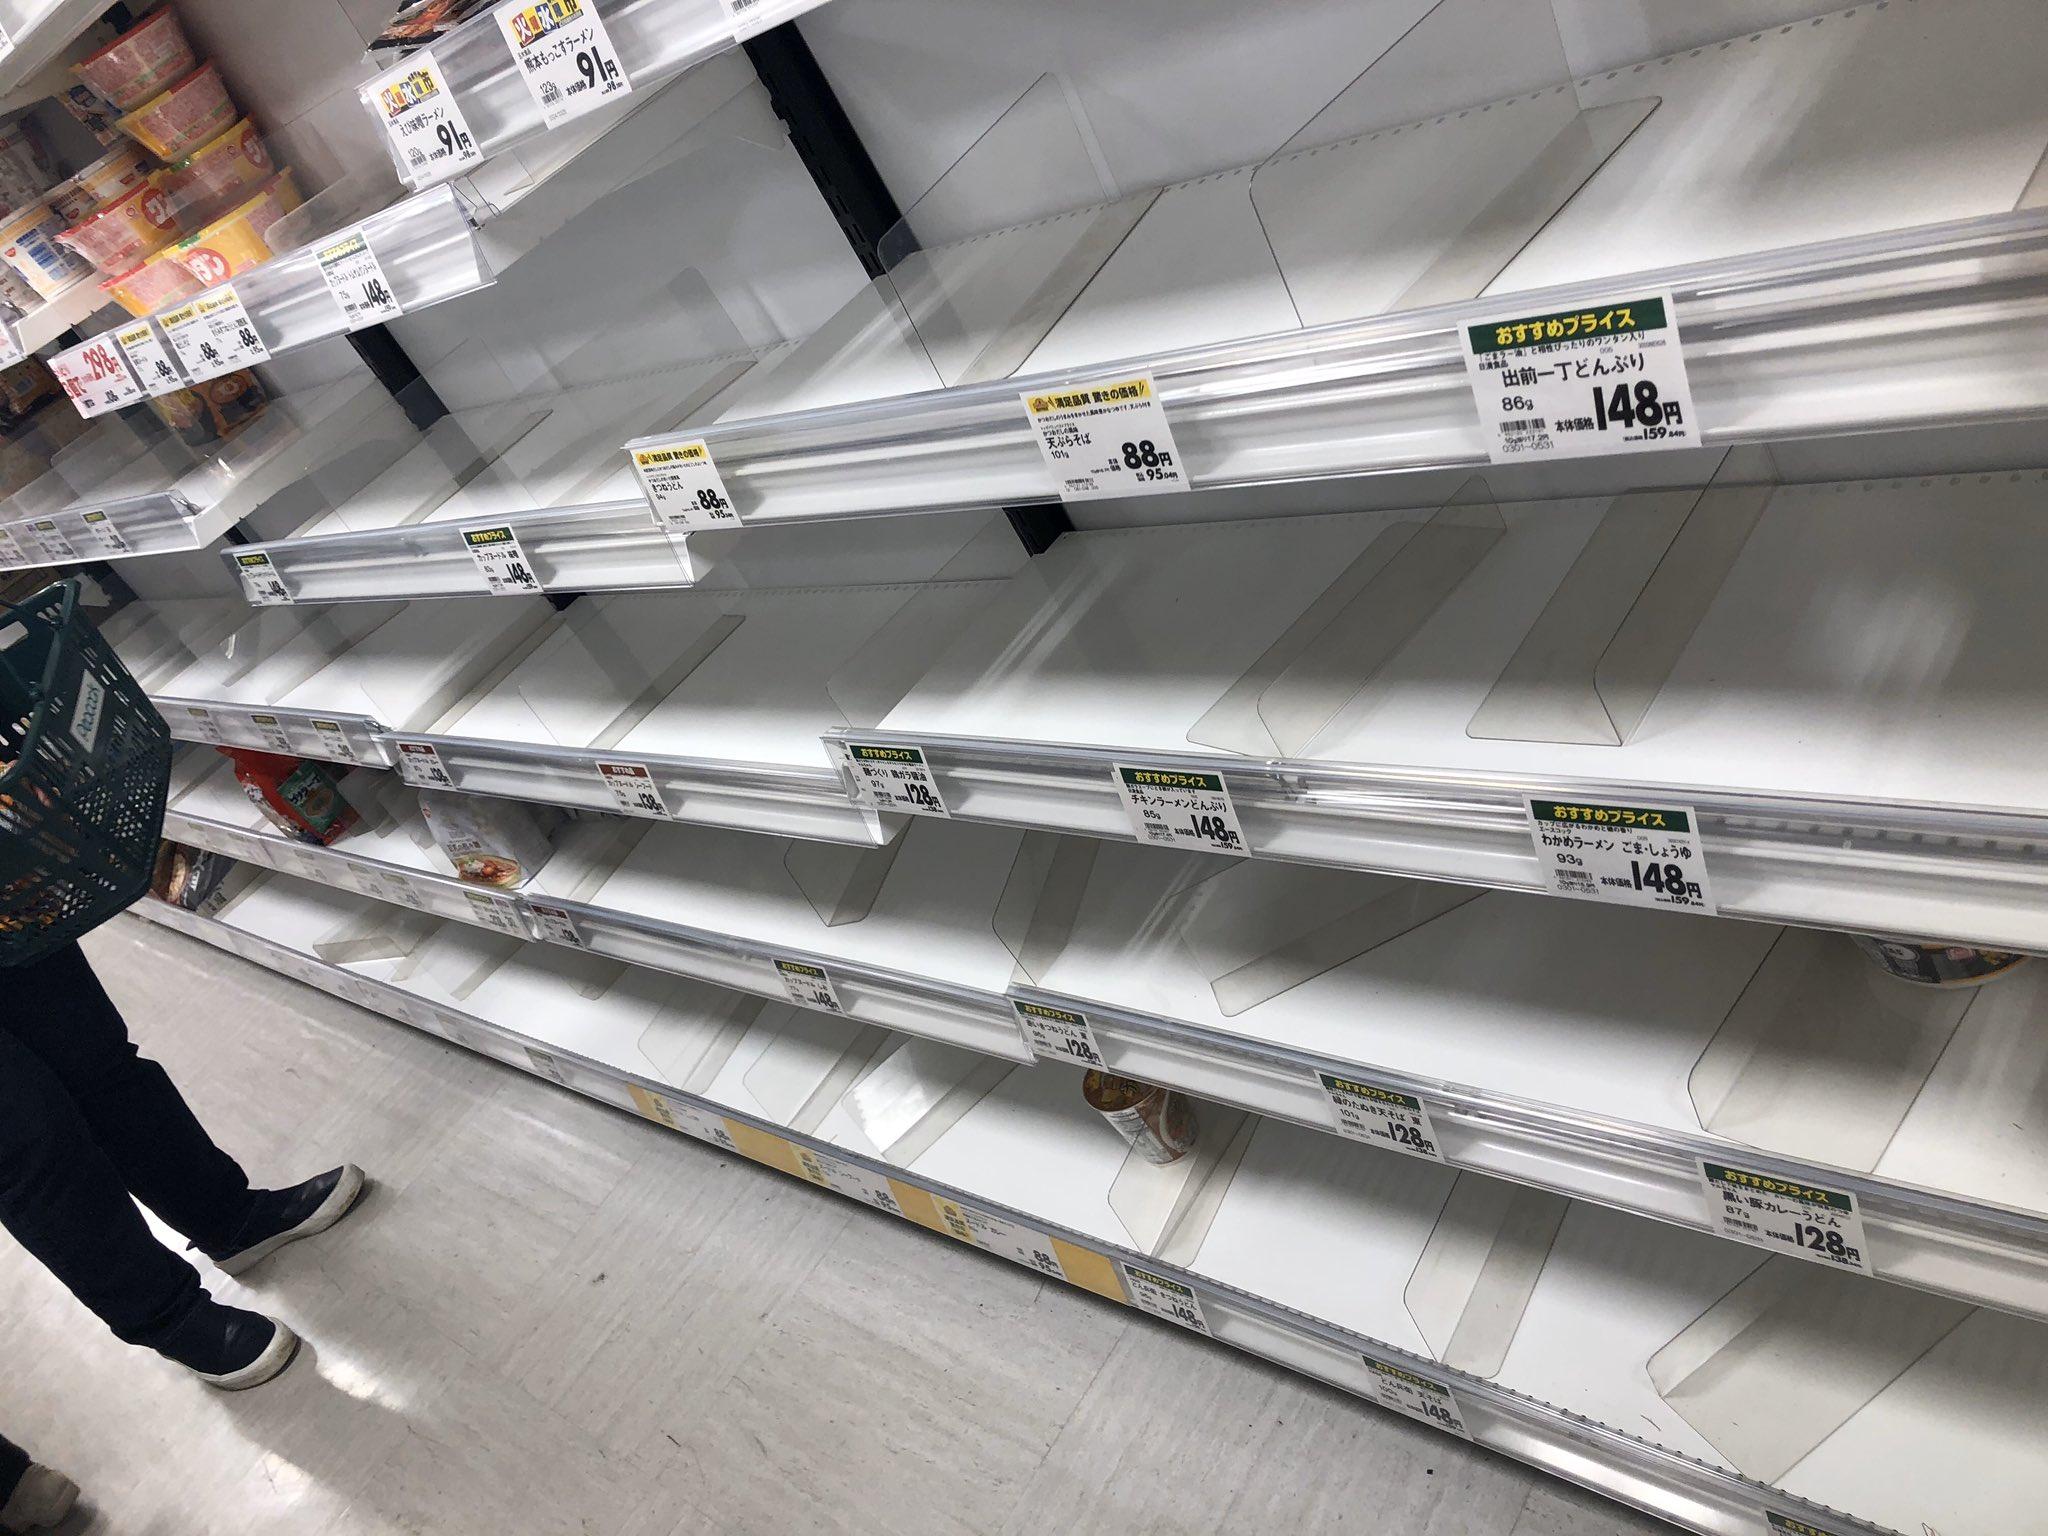 画像,ふつうにスーパー来たら長蛇の列と物資が米、カップ麺保存食に肉も全然無いじゃんか😢 https://t.co/jwJcvK318K…